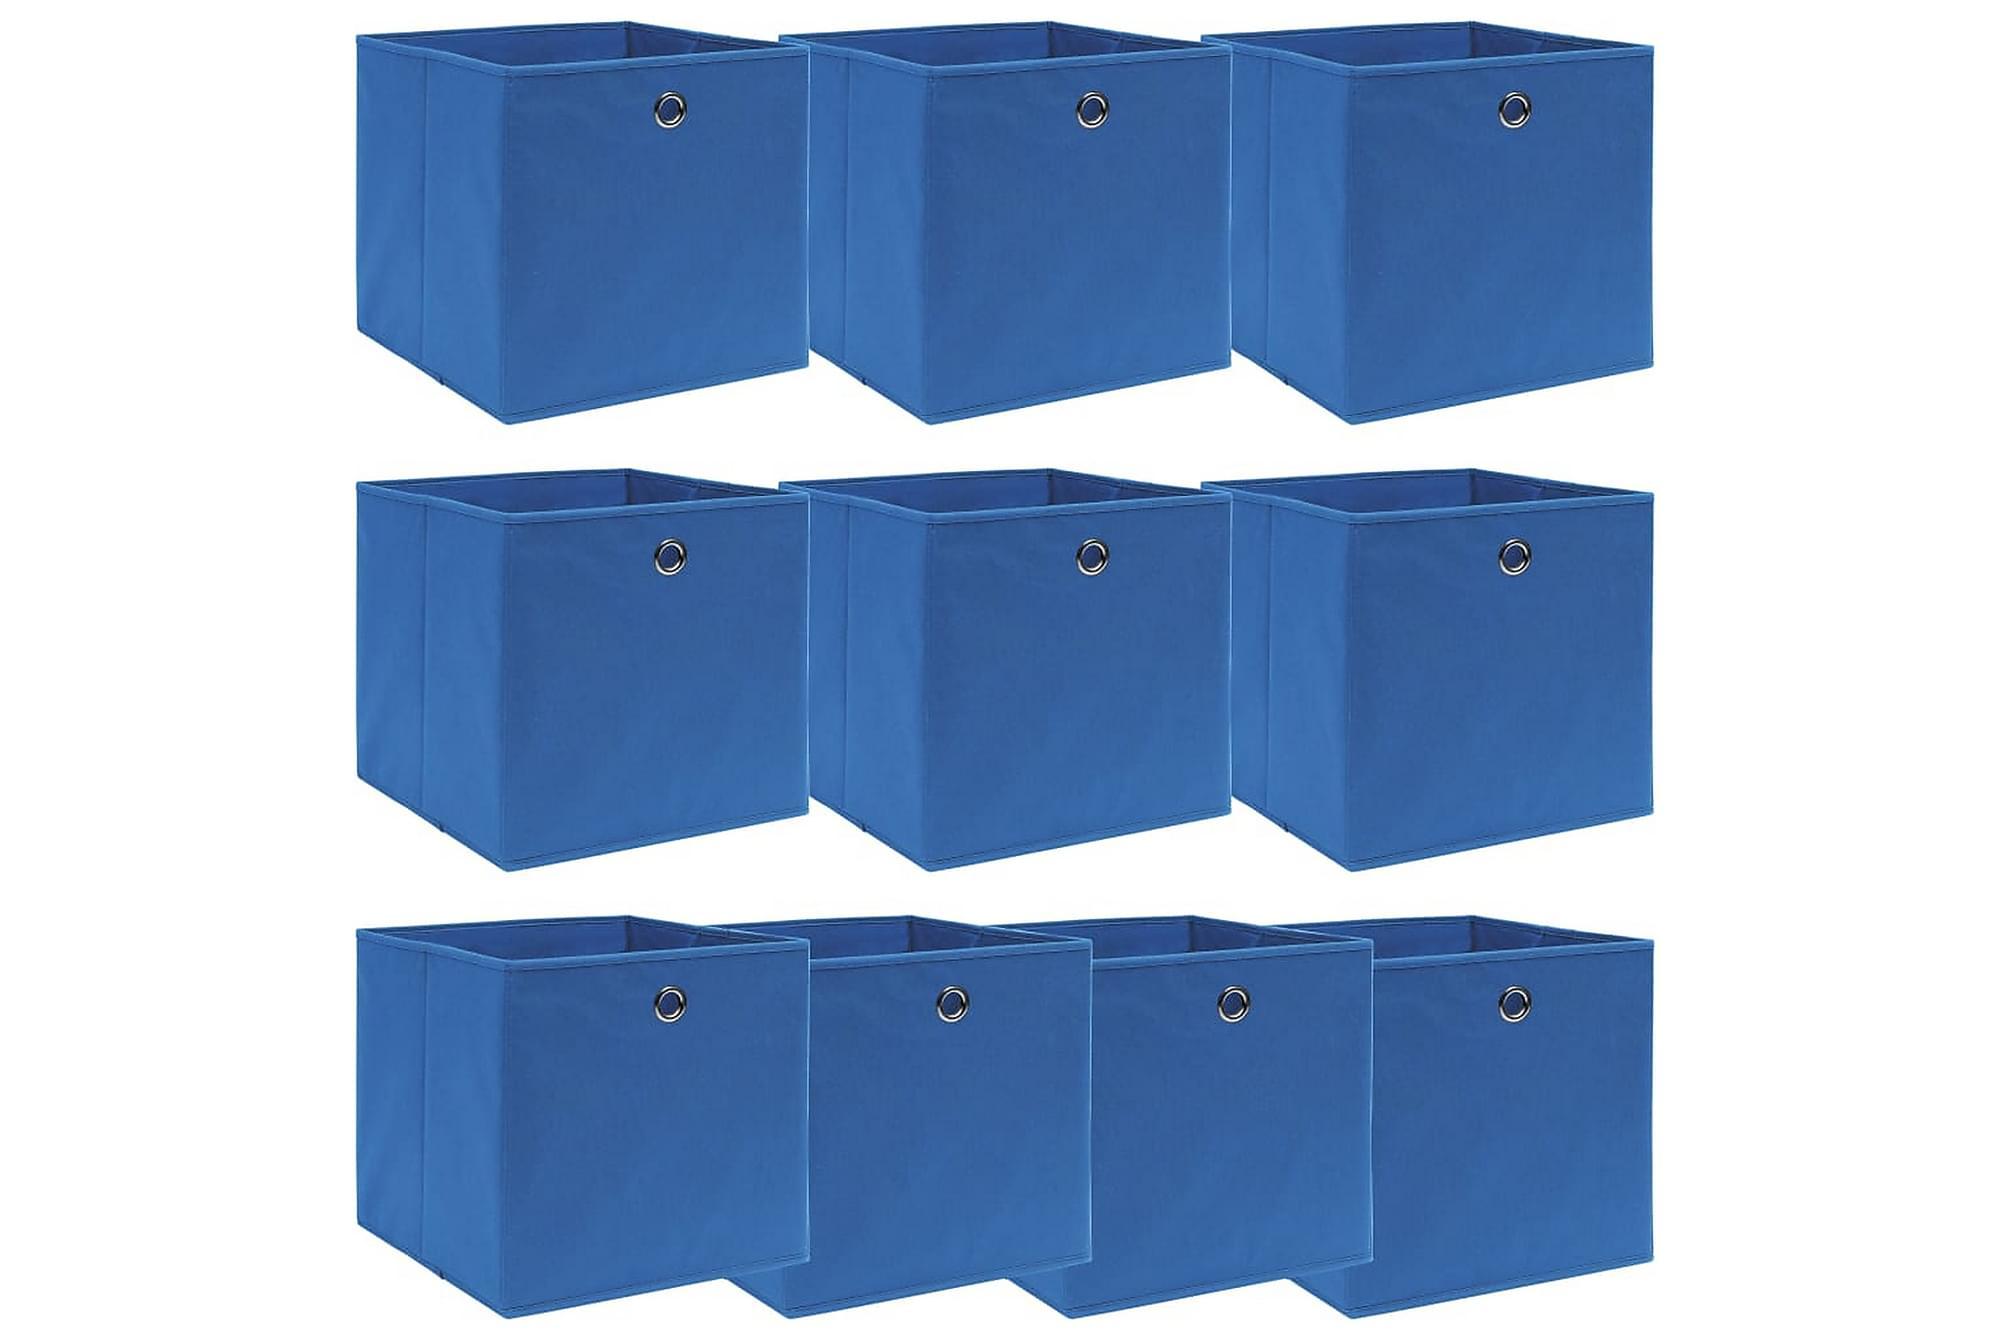 Förvaringslådor 10 st blå 32x32x32 cm tyg, Förvaringslådor & korgar